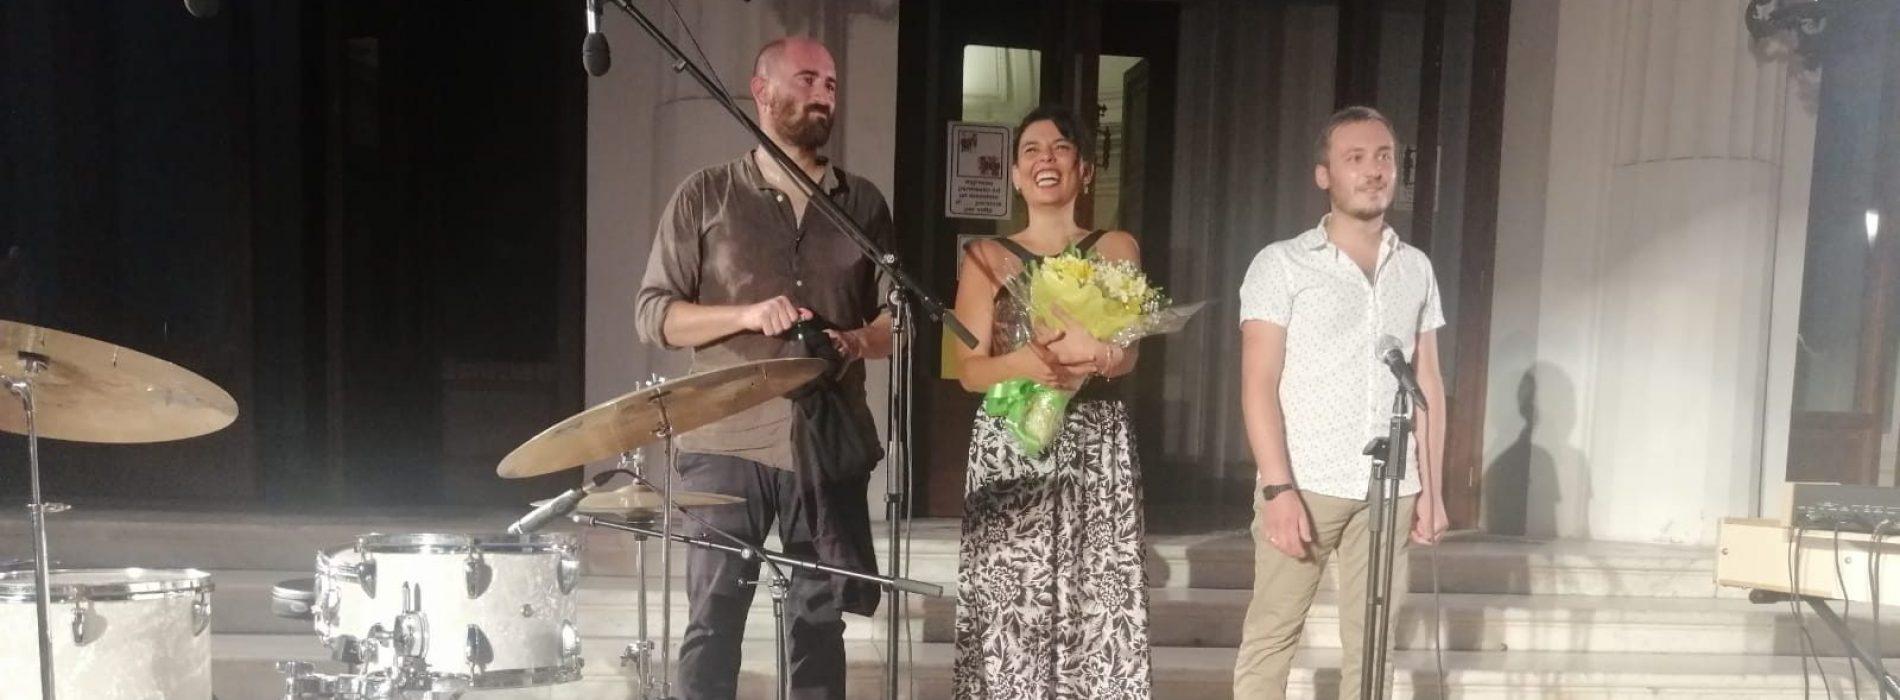 Hecate, da Casagiove a Villa Pignatelli per un concerto di jazz